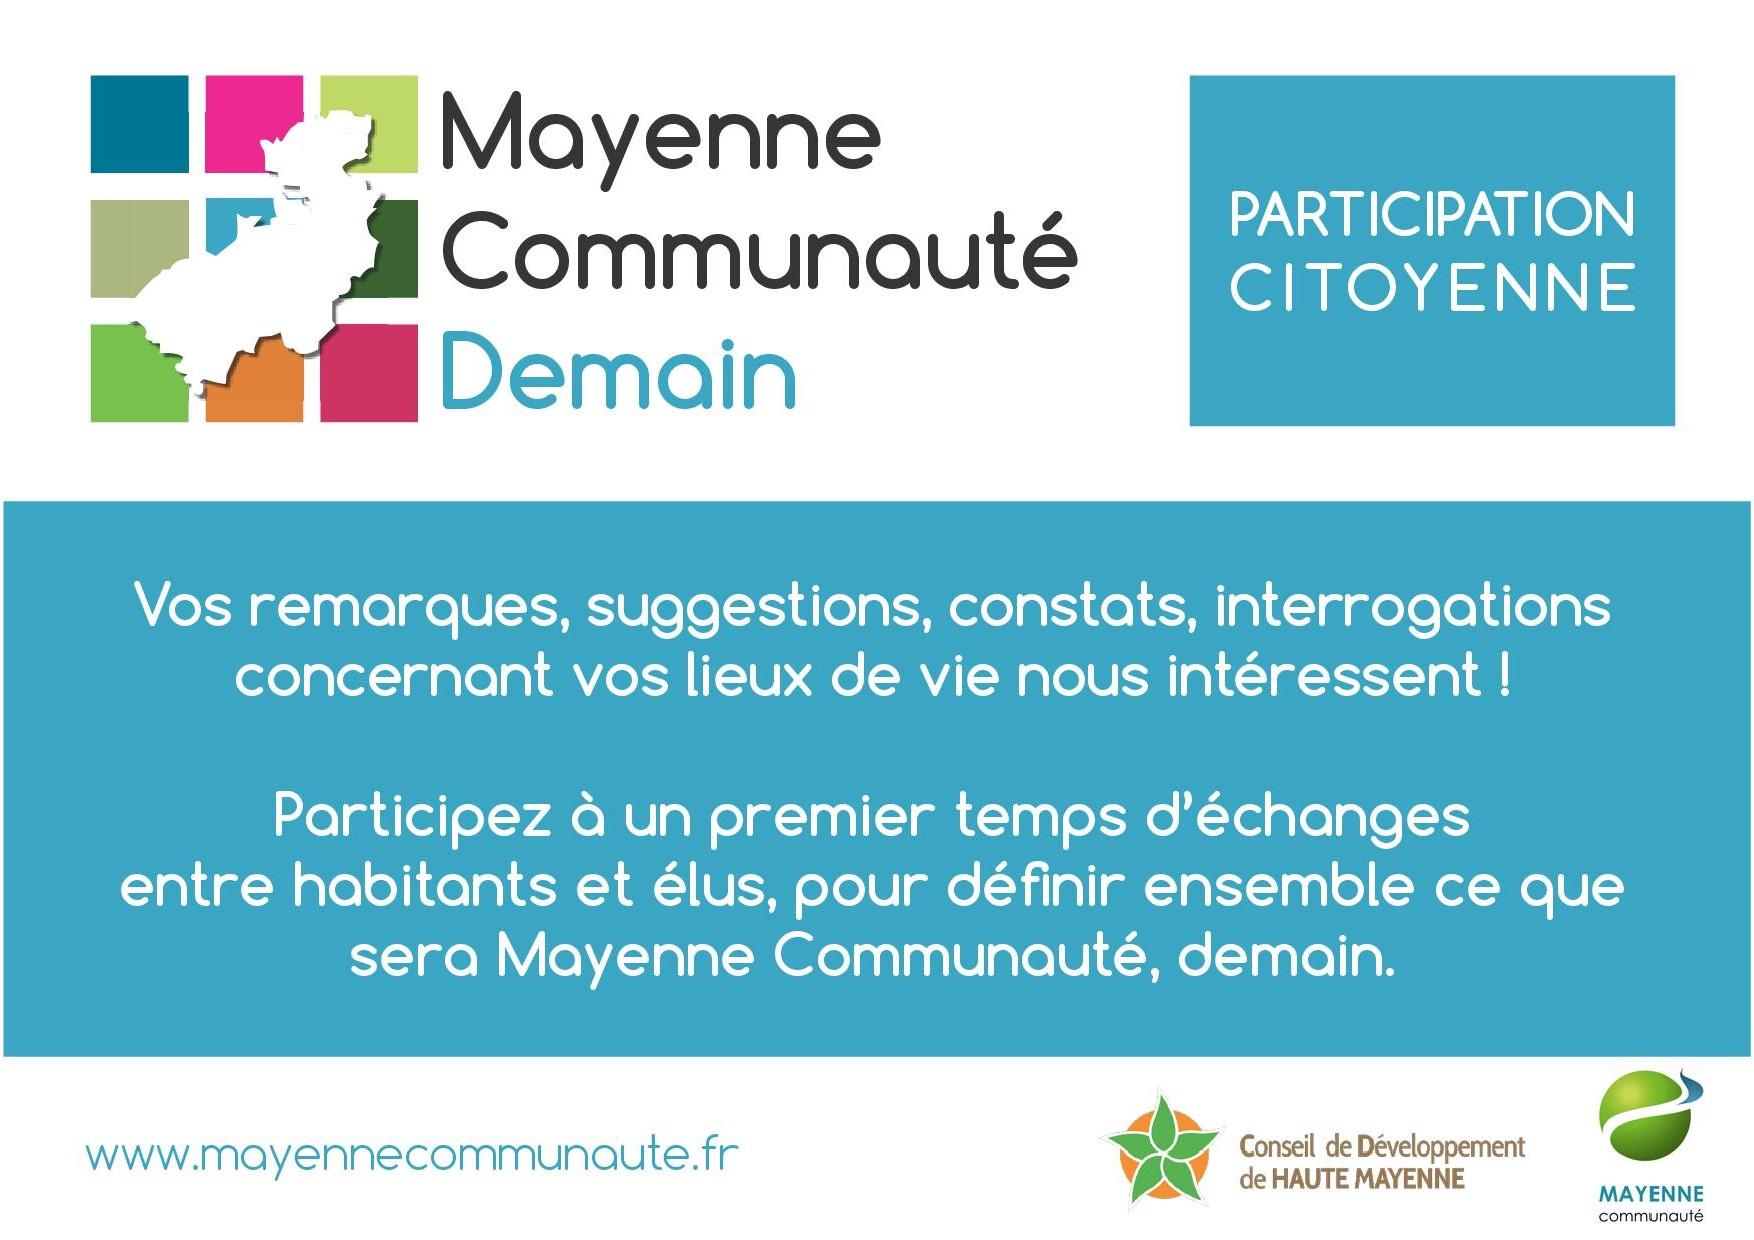 flyer-participation-citoyenne-plui-05-12-2016